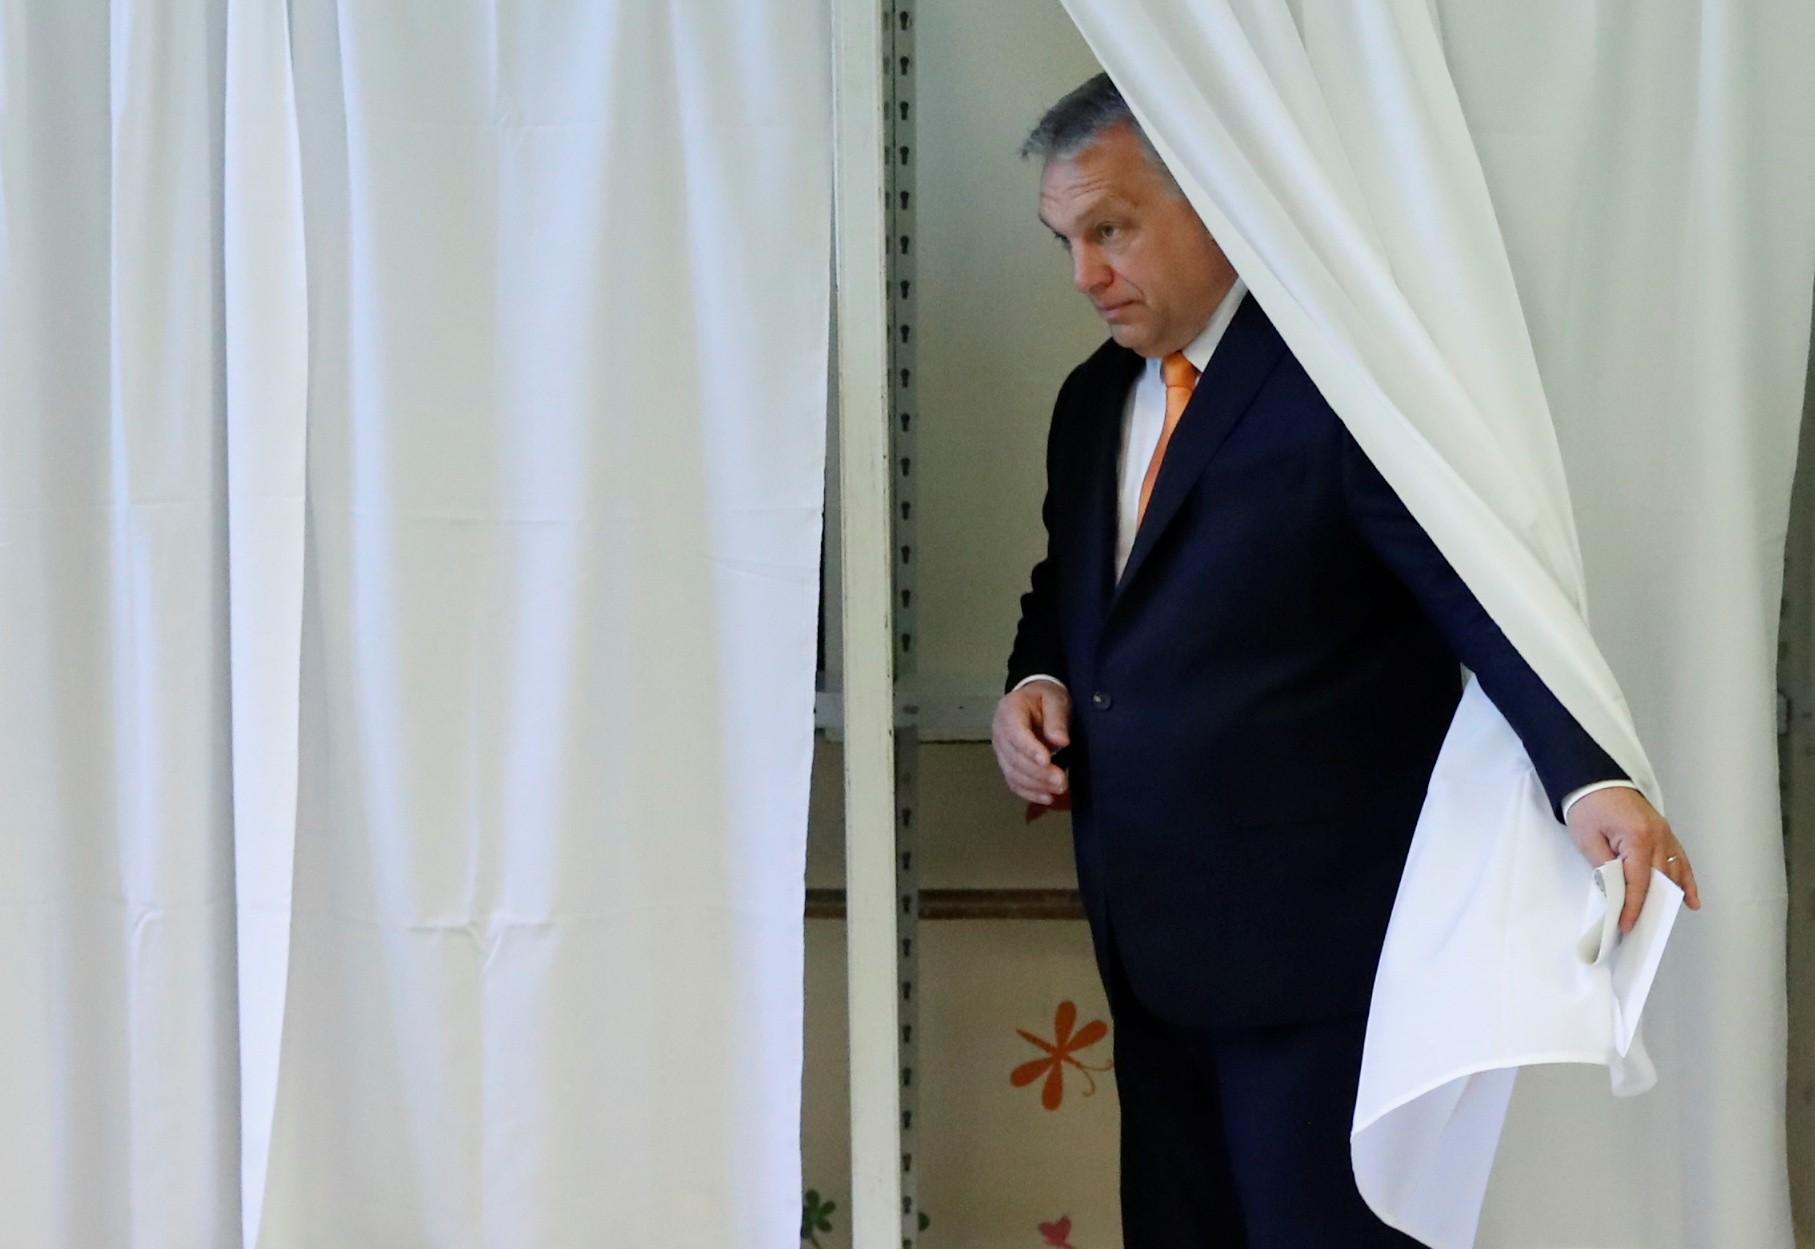 Parlamento húngaro concede poderes especiais a Orbán em meio a crise do coronavírus